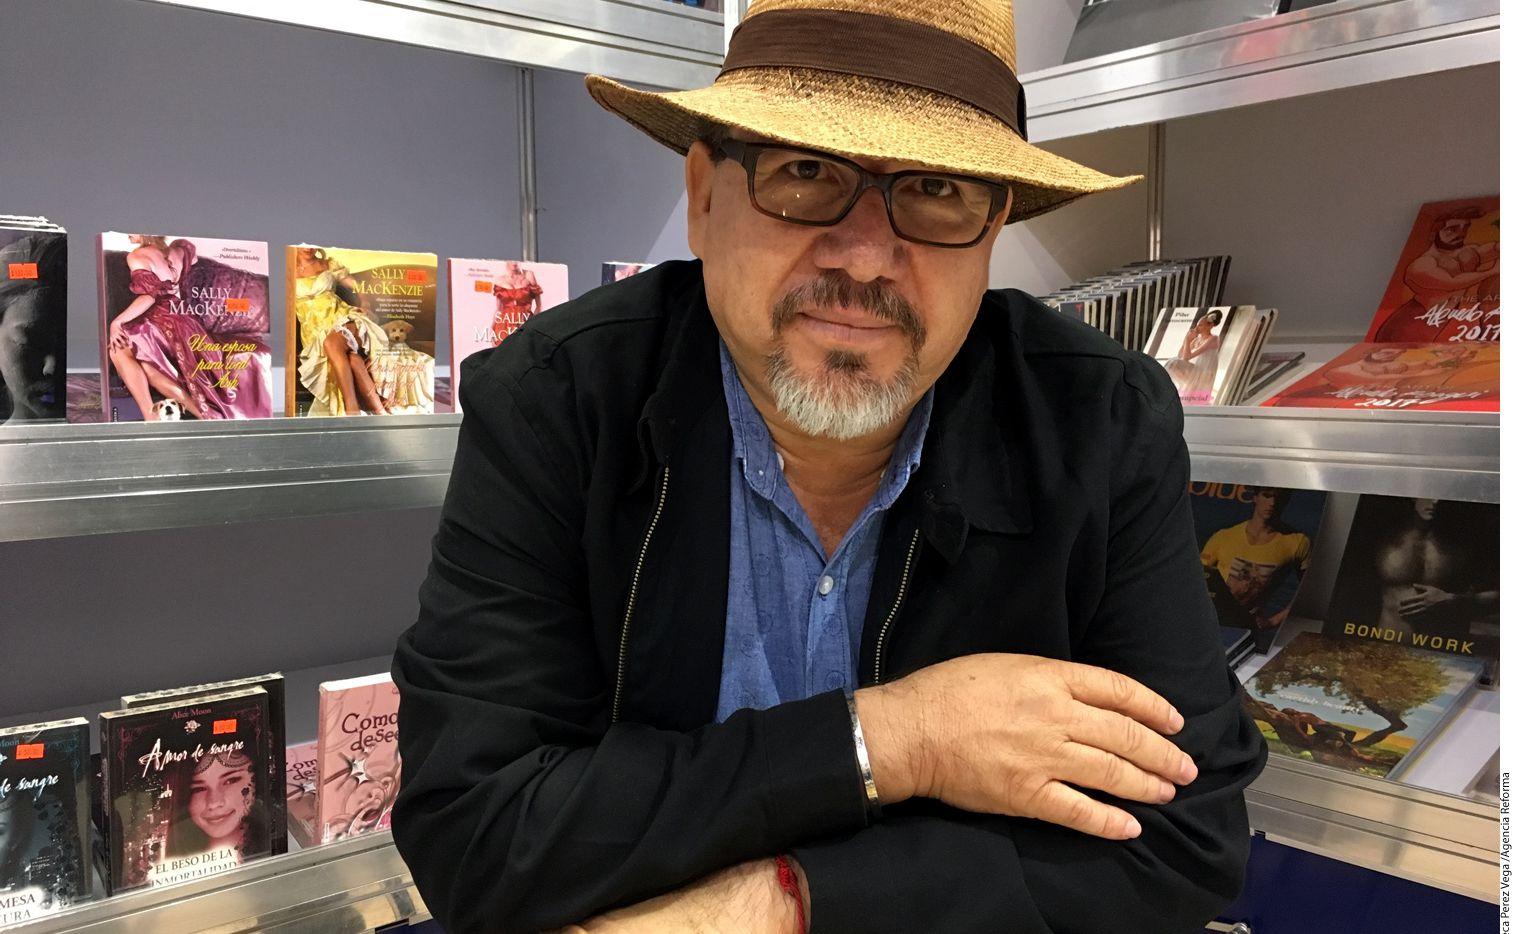 El periodista y escritor Javier Valdez, quien fue acribillado. Valdez cubría en Sinaloa, México, el narcotráfico. Foto AGENCIA REFORMA